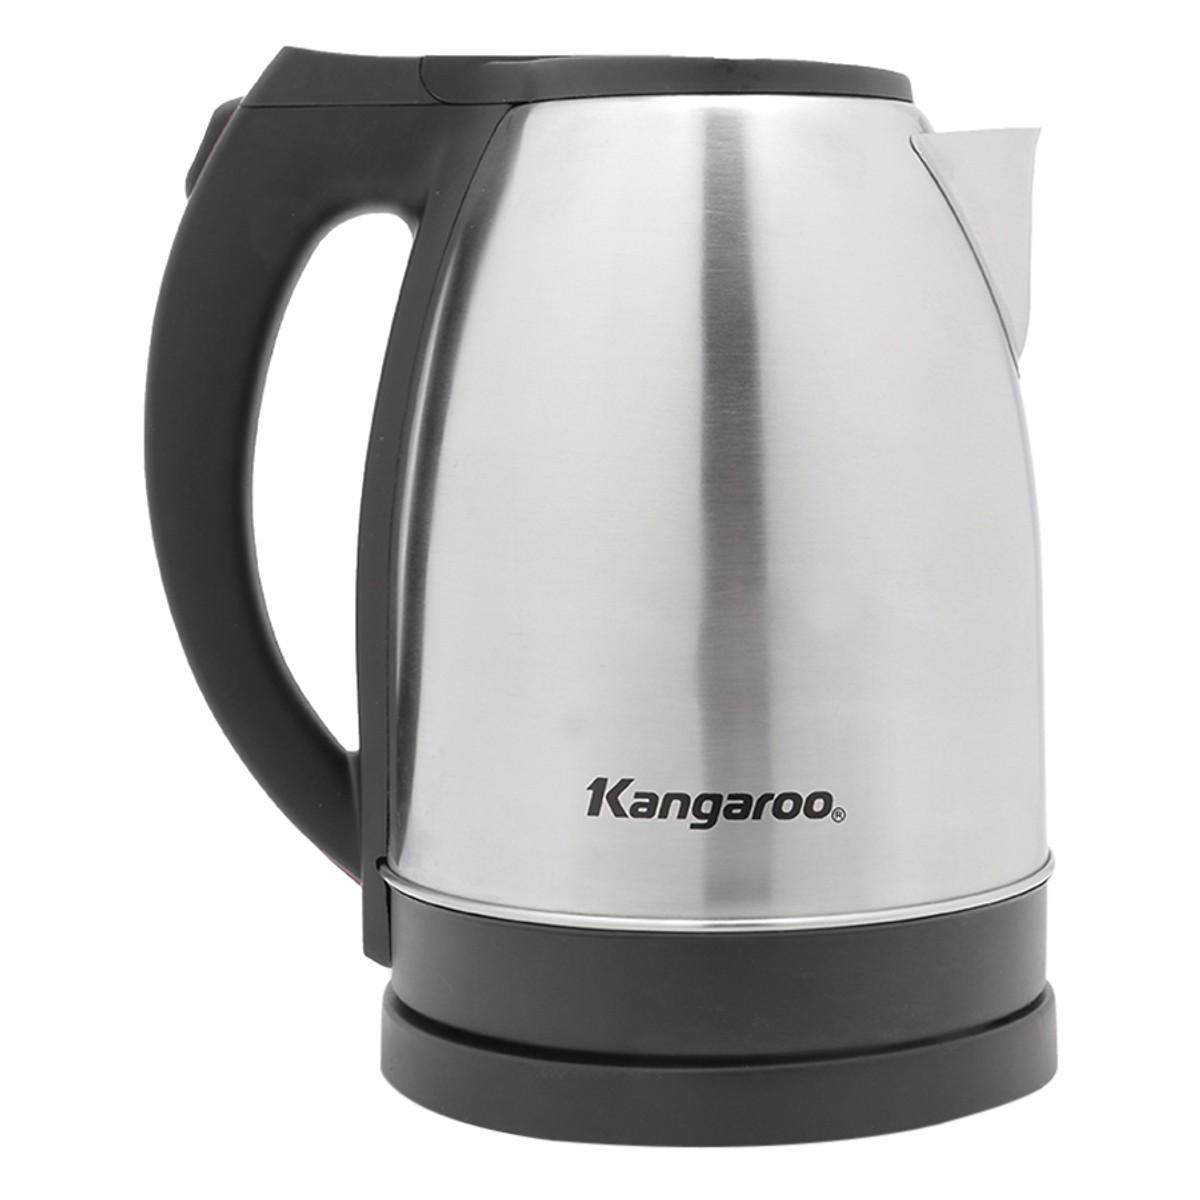 Bình đun siêu tốc Kangaroo 1,8 lít KG-338